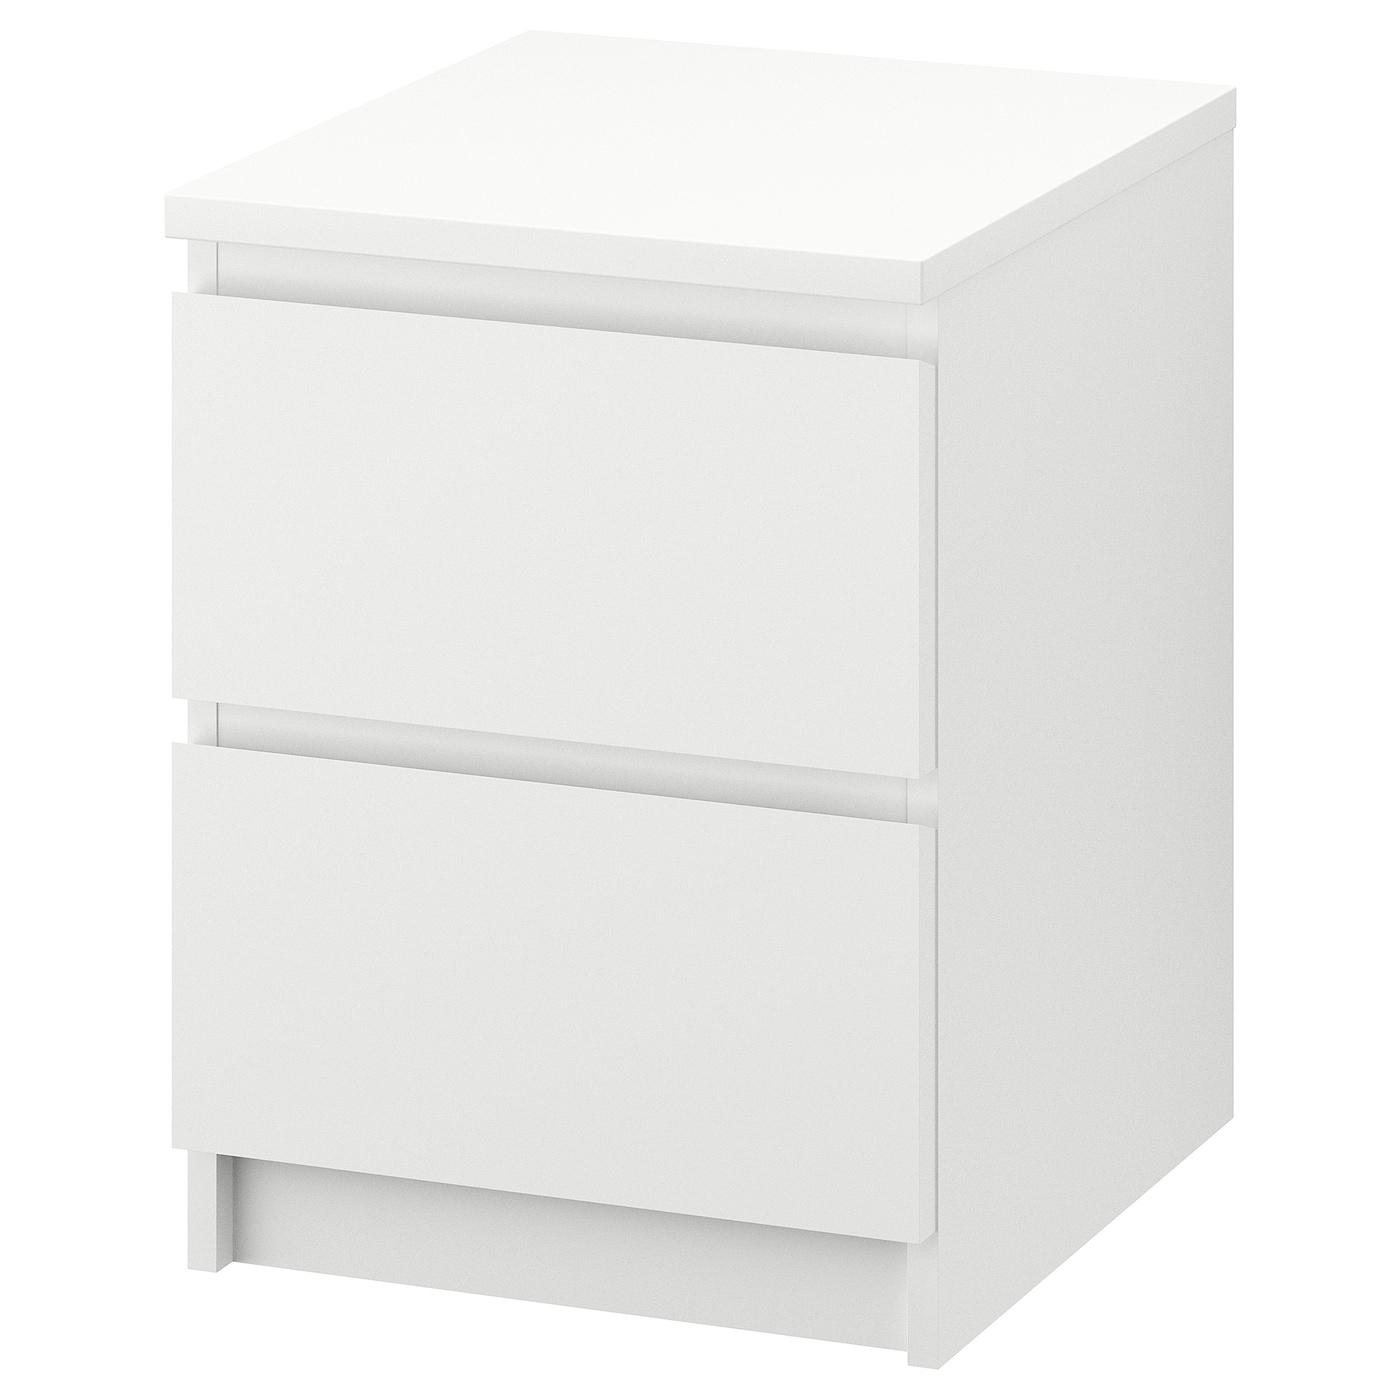 Malm Kommode Mit 2 Schubladen Weiss Ikea Deutschland